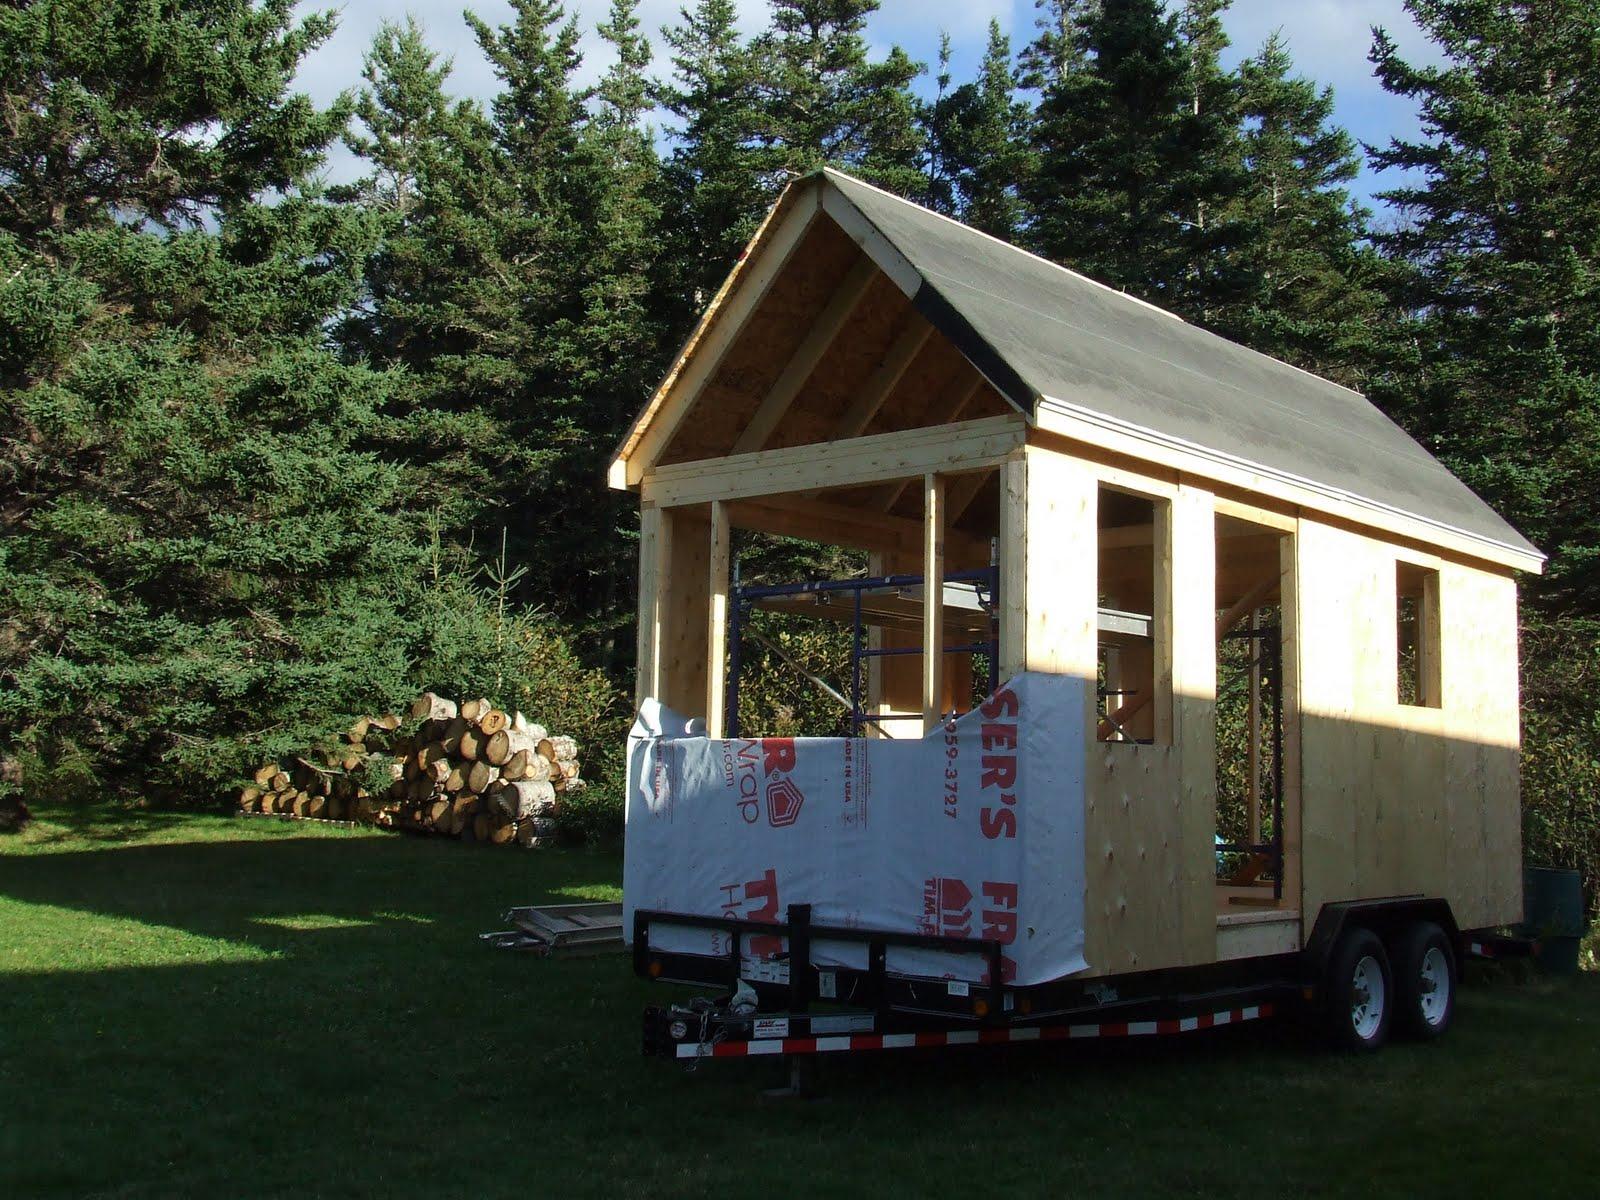 Nova Scotia Tiny House